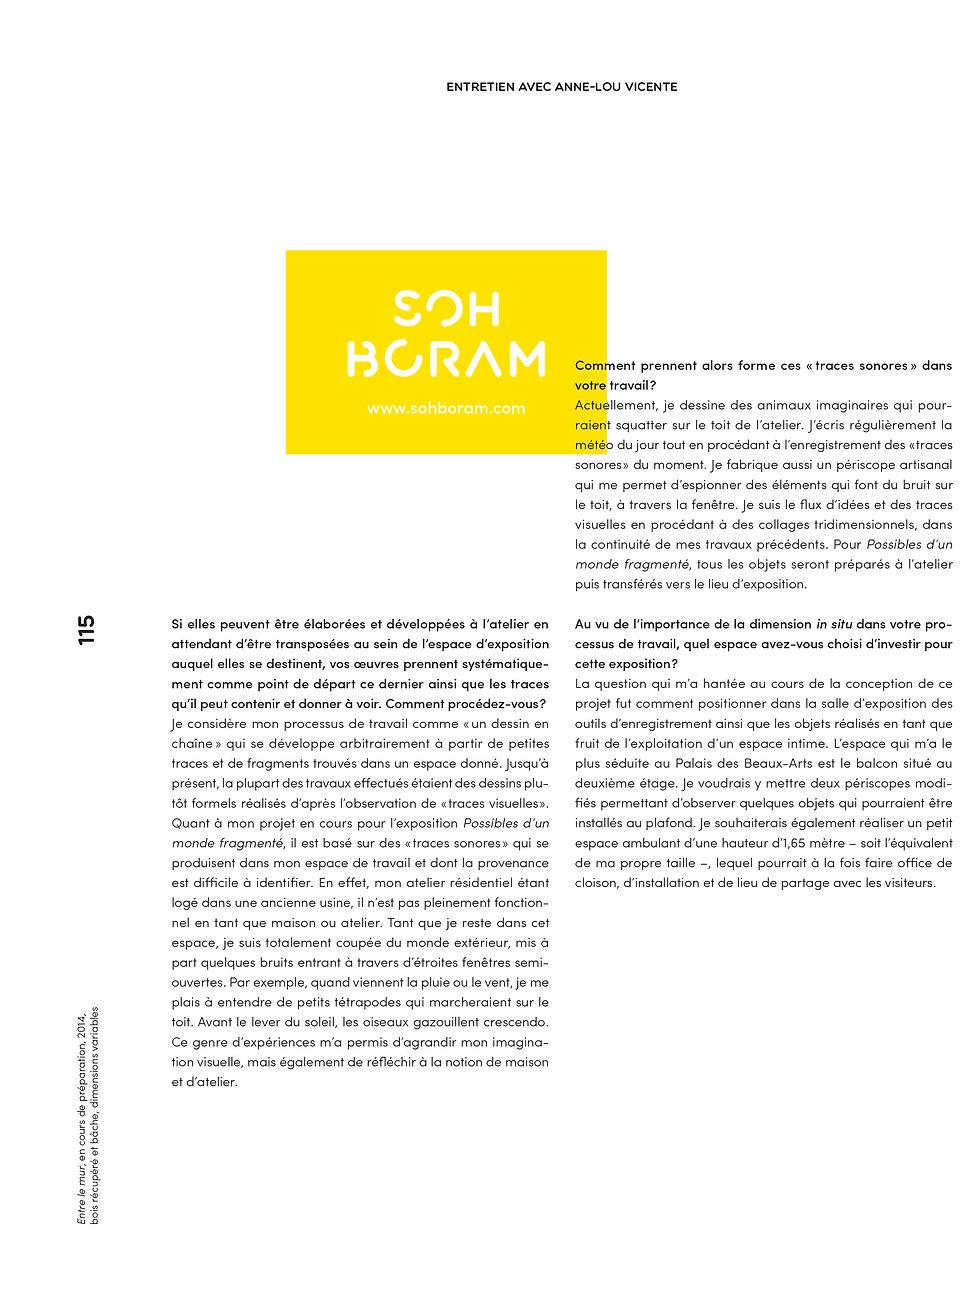 SOHBORAM-1.jpg